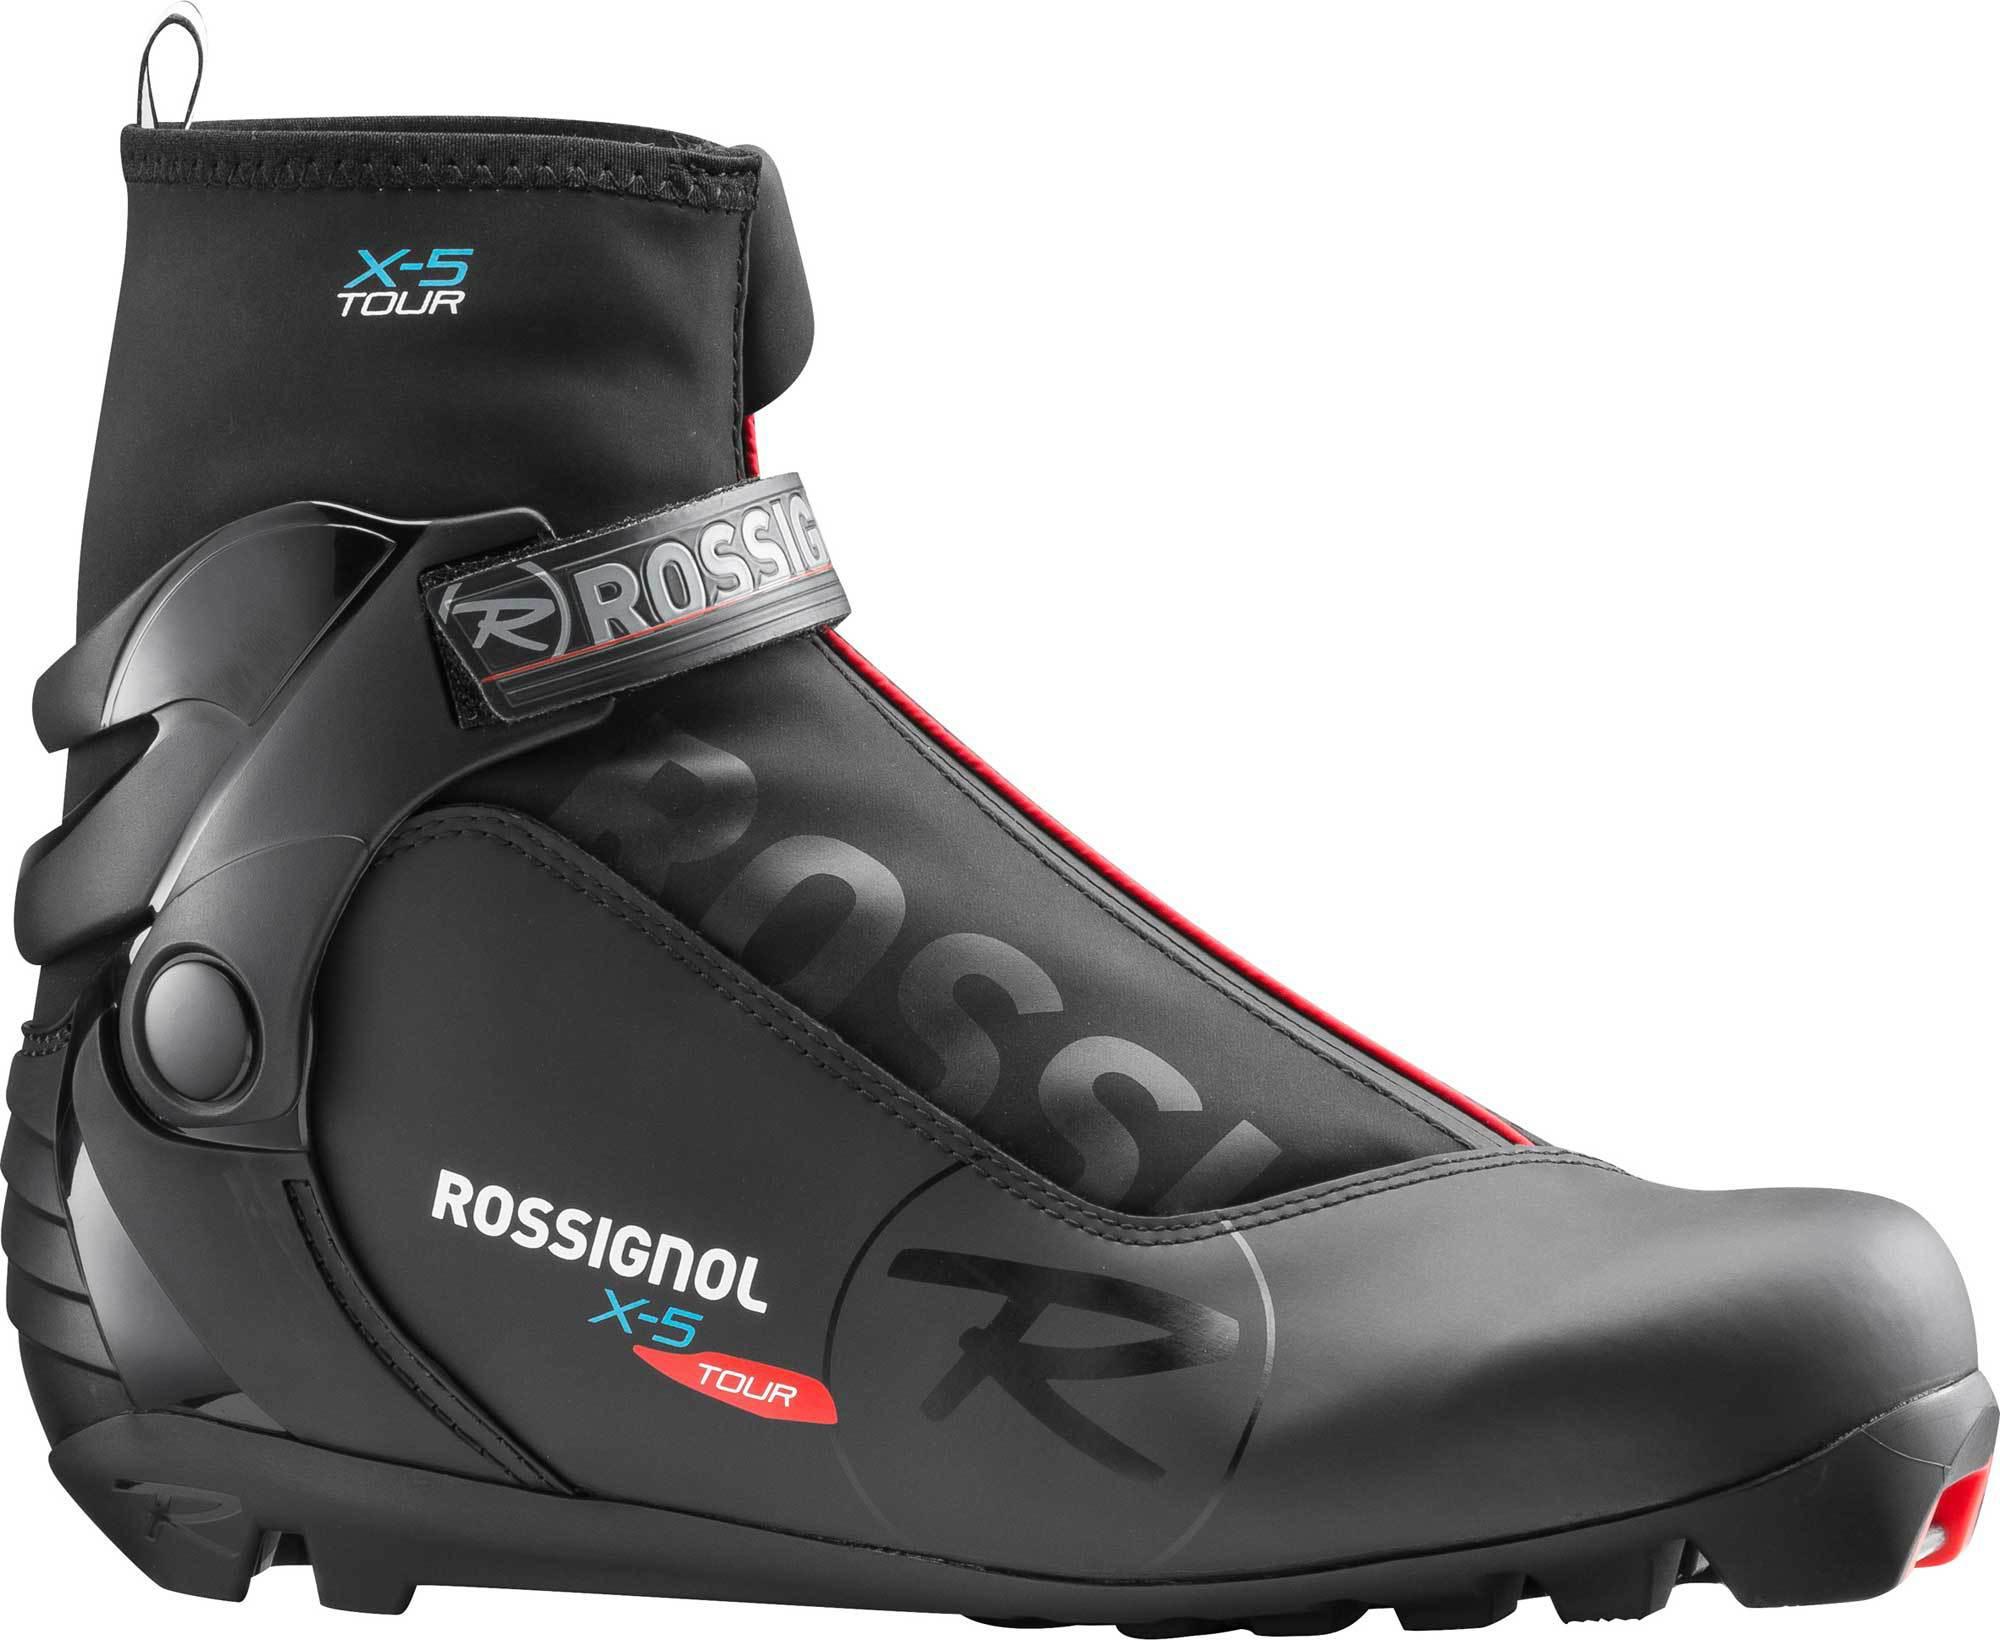 062535c40df detail ROSSIGNOL X-5 18 19